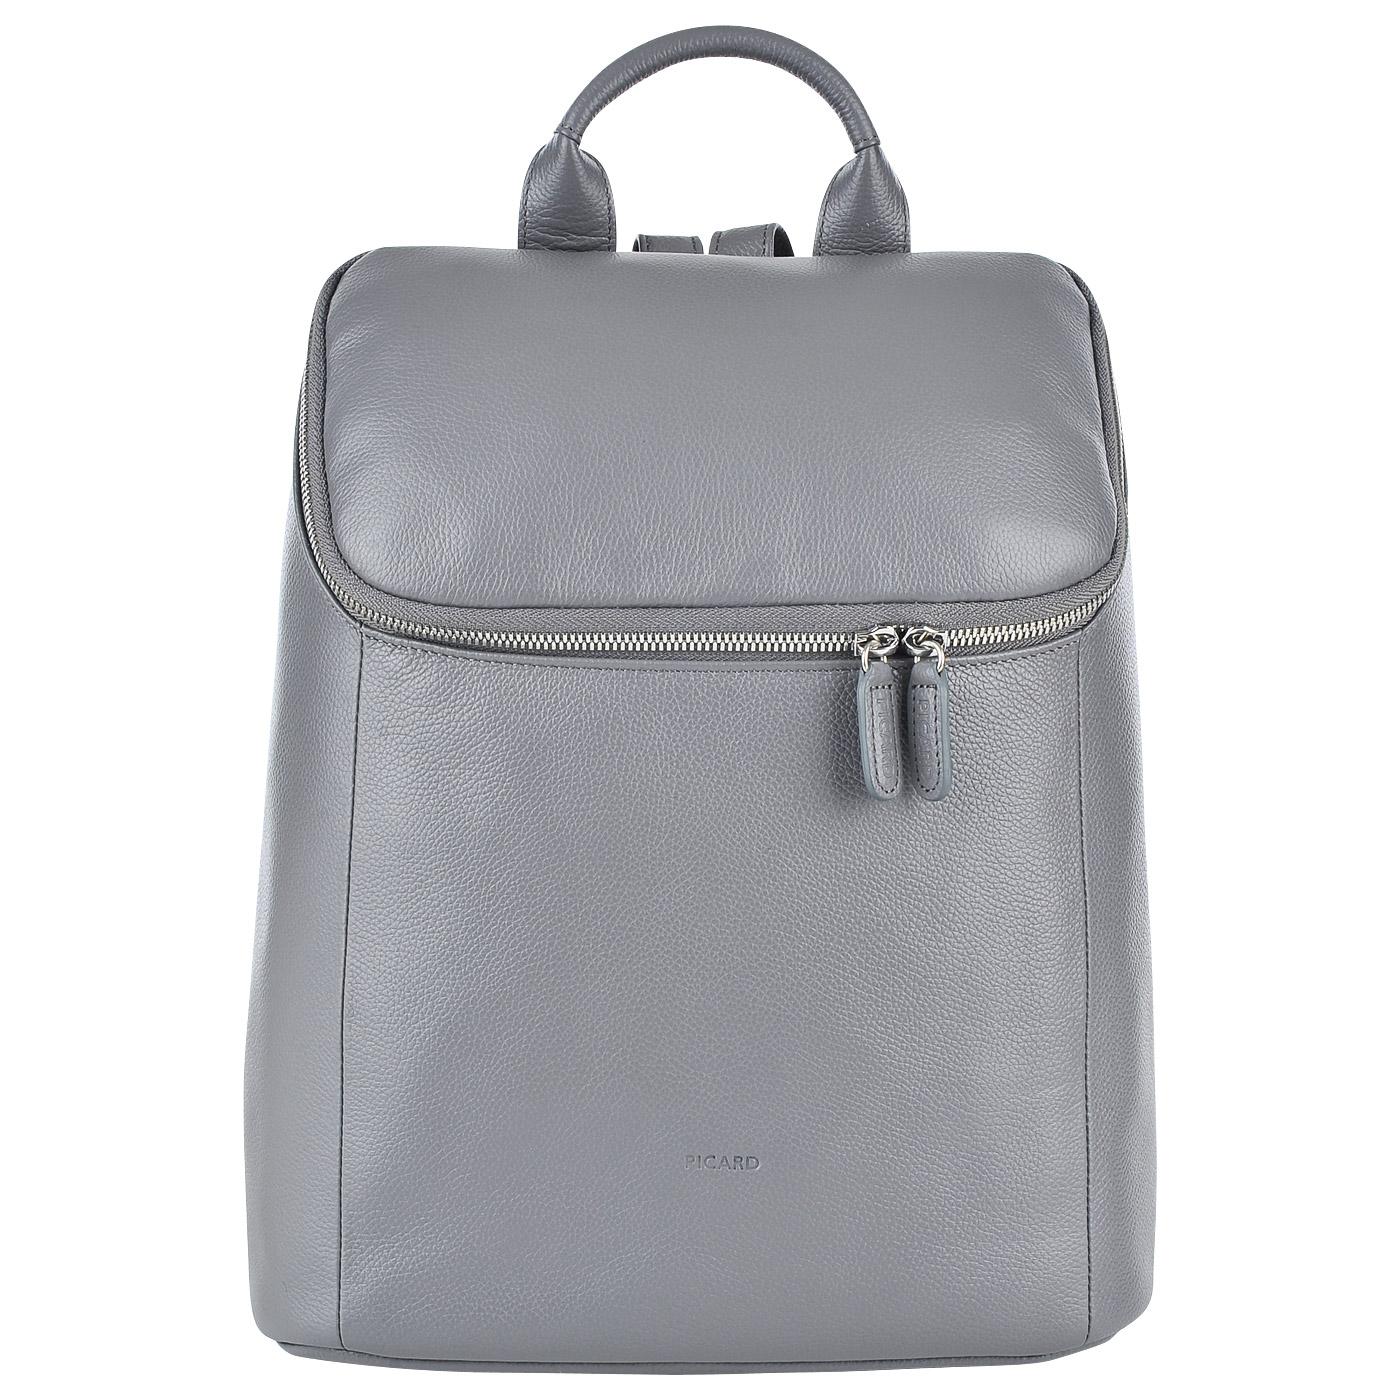 Рюкзак Picard Luis 8634 851 graphit - 2000557683372 серый ... ac4ecf17f18